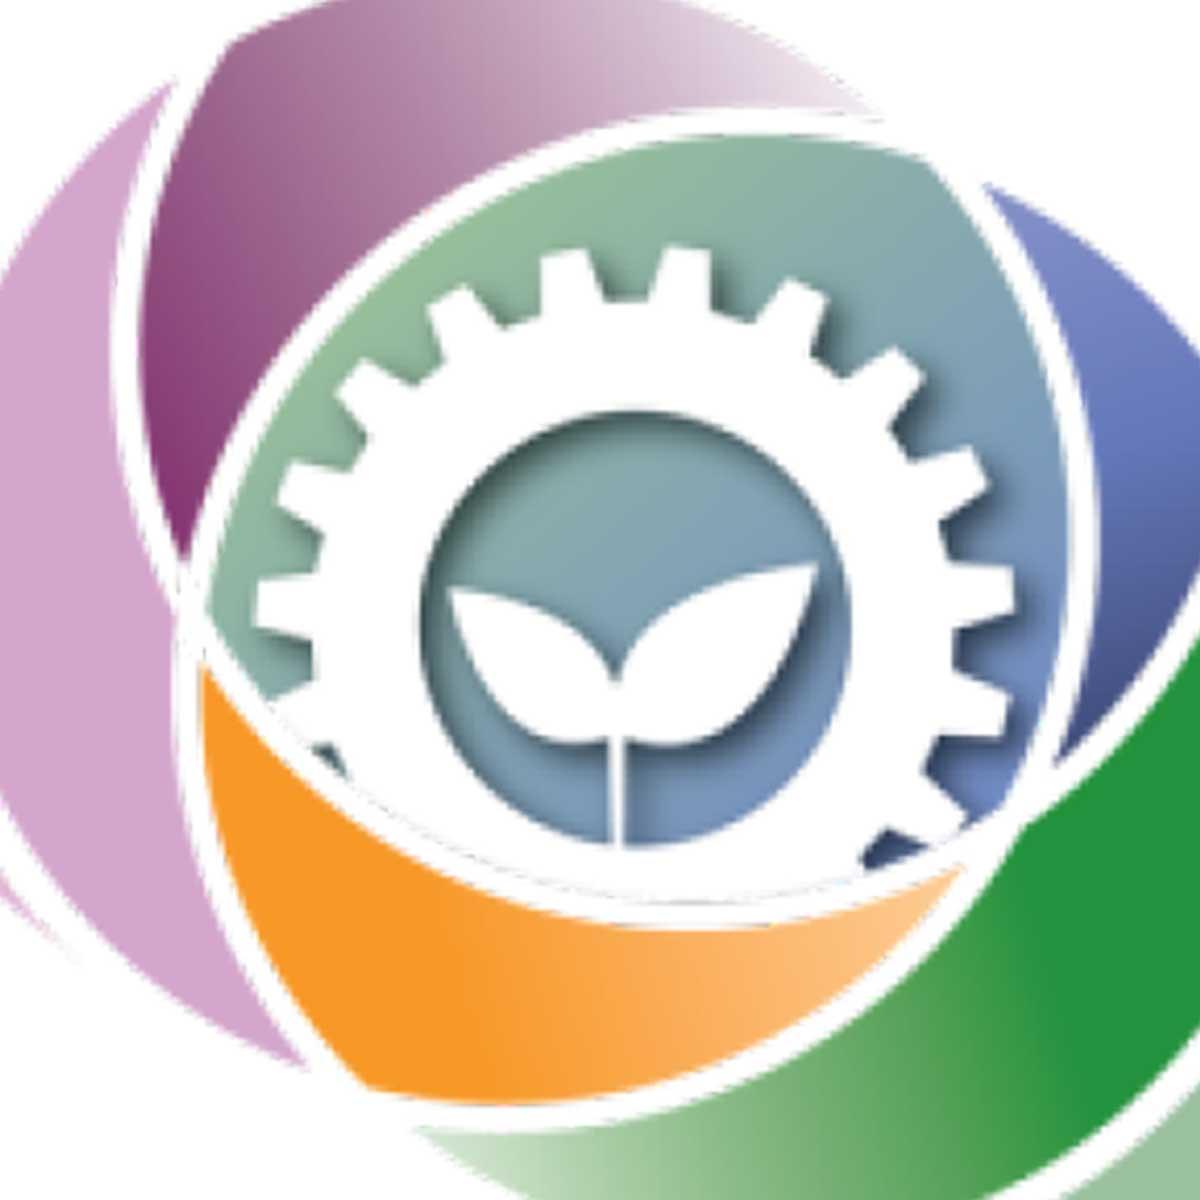 Gobernanza para la sustentabilidad. Retos para su fortalecimiento